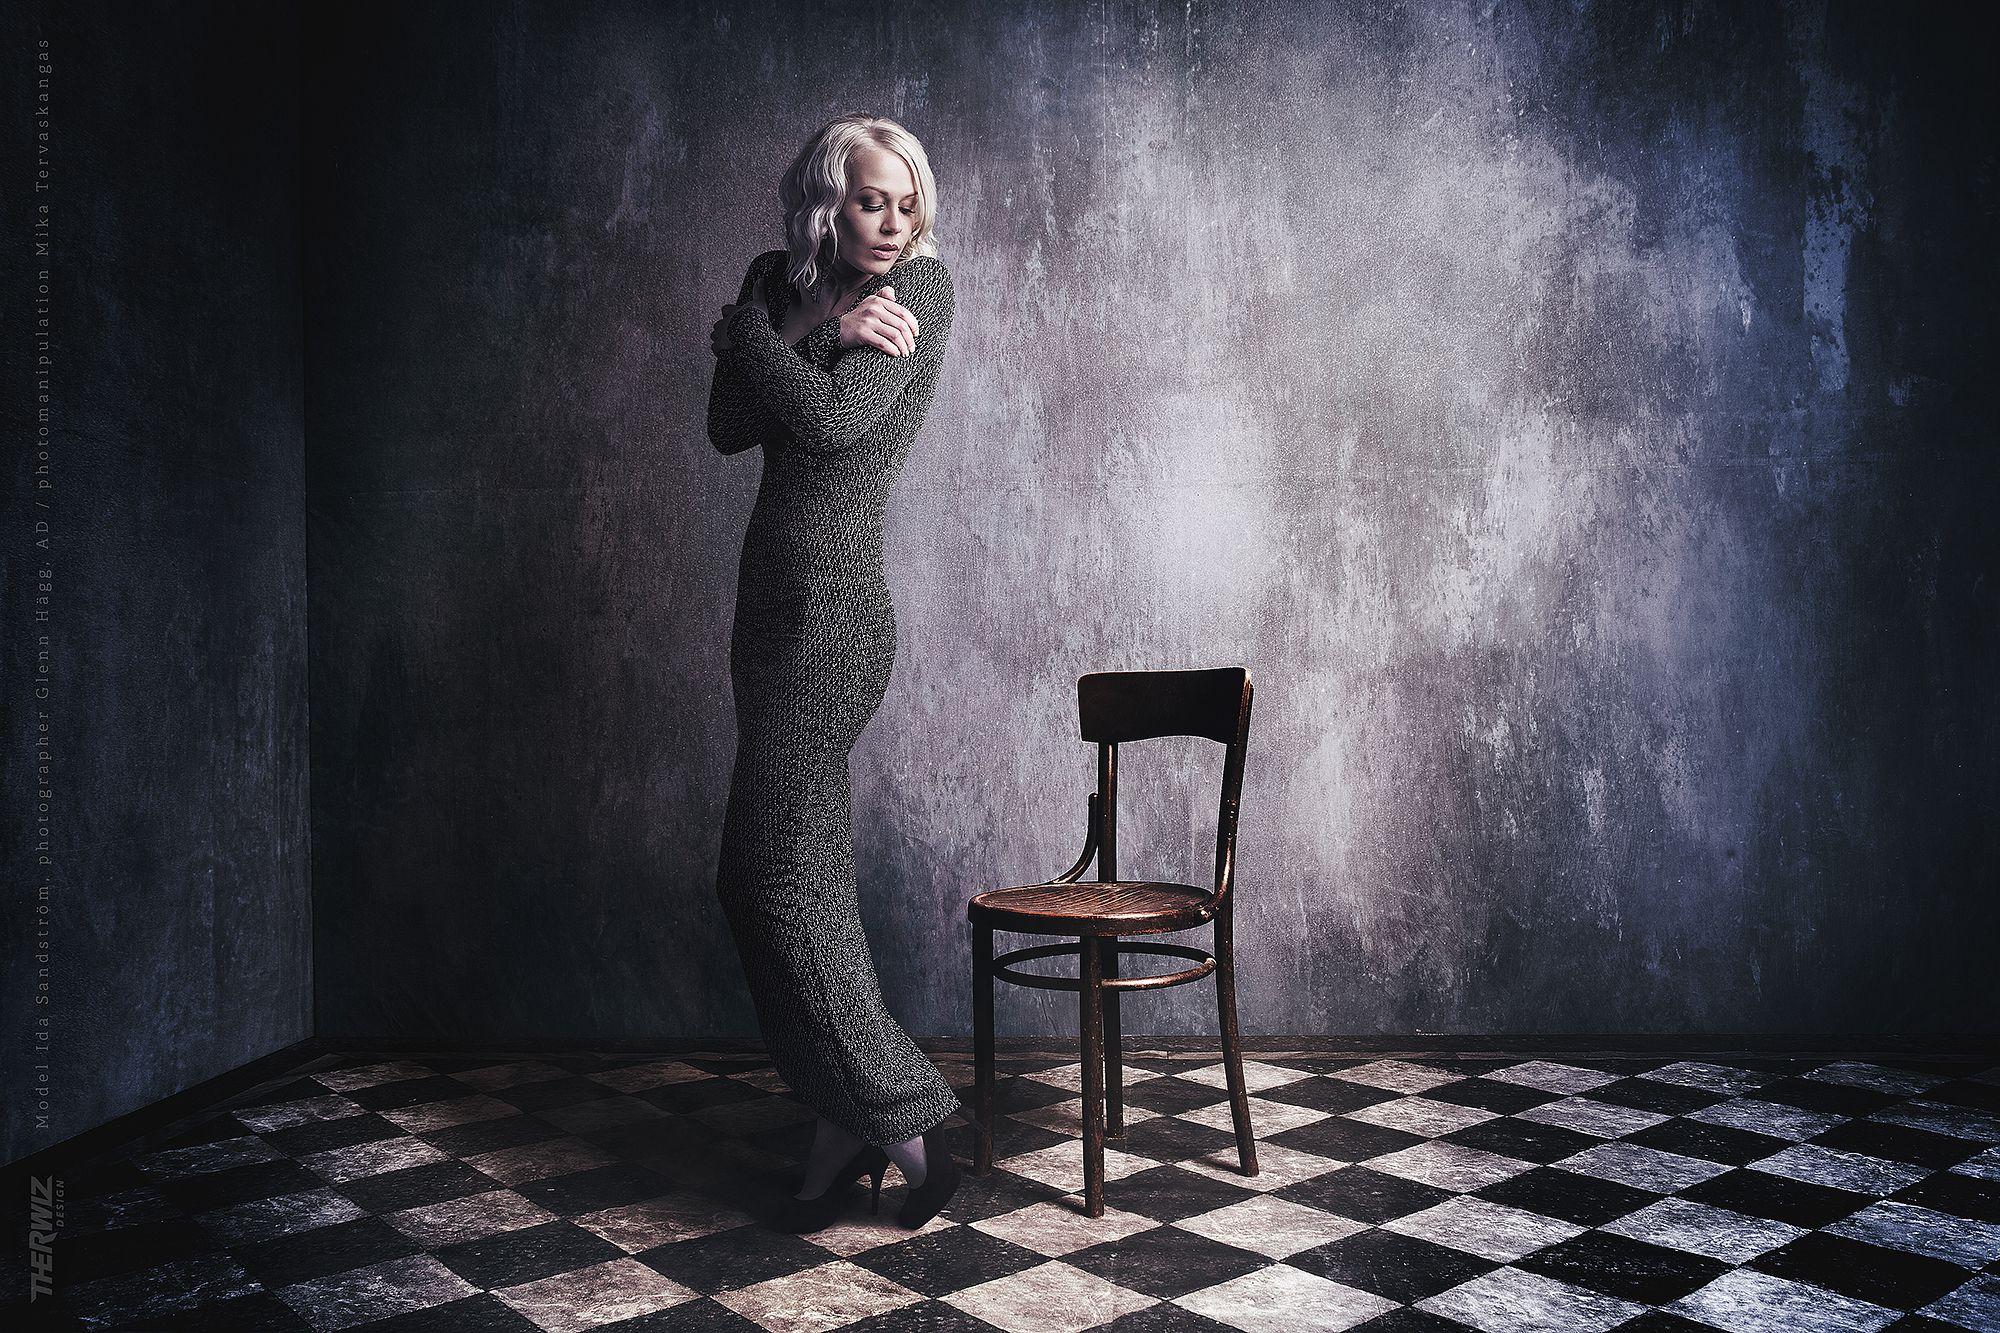 Ida Sandström model photo, lightning, vintage, classic, photo manipulation Mika Tervaskangas / Therwiz Design / Glenn Hägg. mallikuvaus, malli, kuvamanipulaatio, kuvankäsittely, photoshop, kuva, ulkoasu Mika Tervaskangas / Therwiz Design.  #Therwiz #MikaTervaskangas #TherwizDesign #layout #photo #photomanipulation #vintage #oldstyle #retro